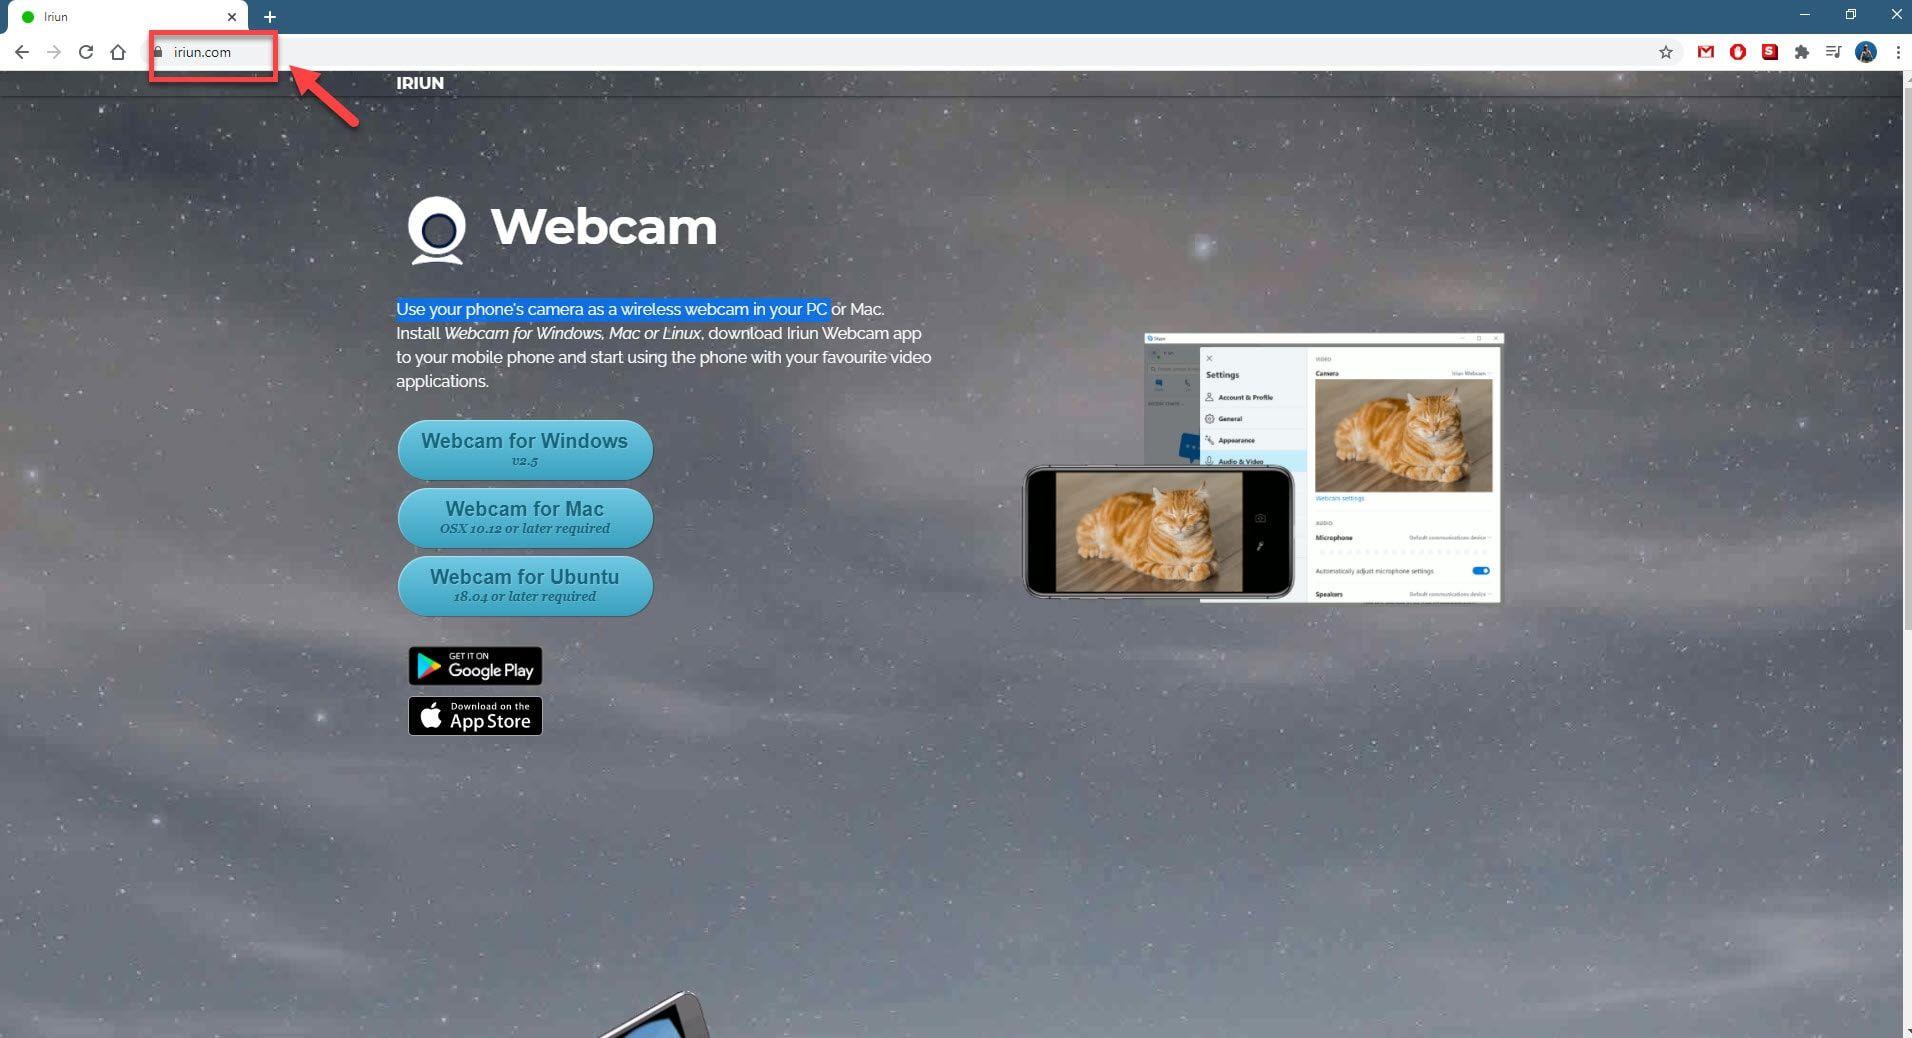 Akıllı Telefonu Web Kamerası Olarak Kullanın